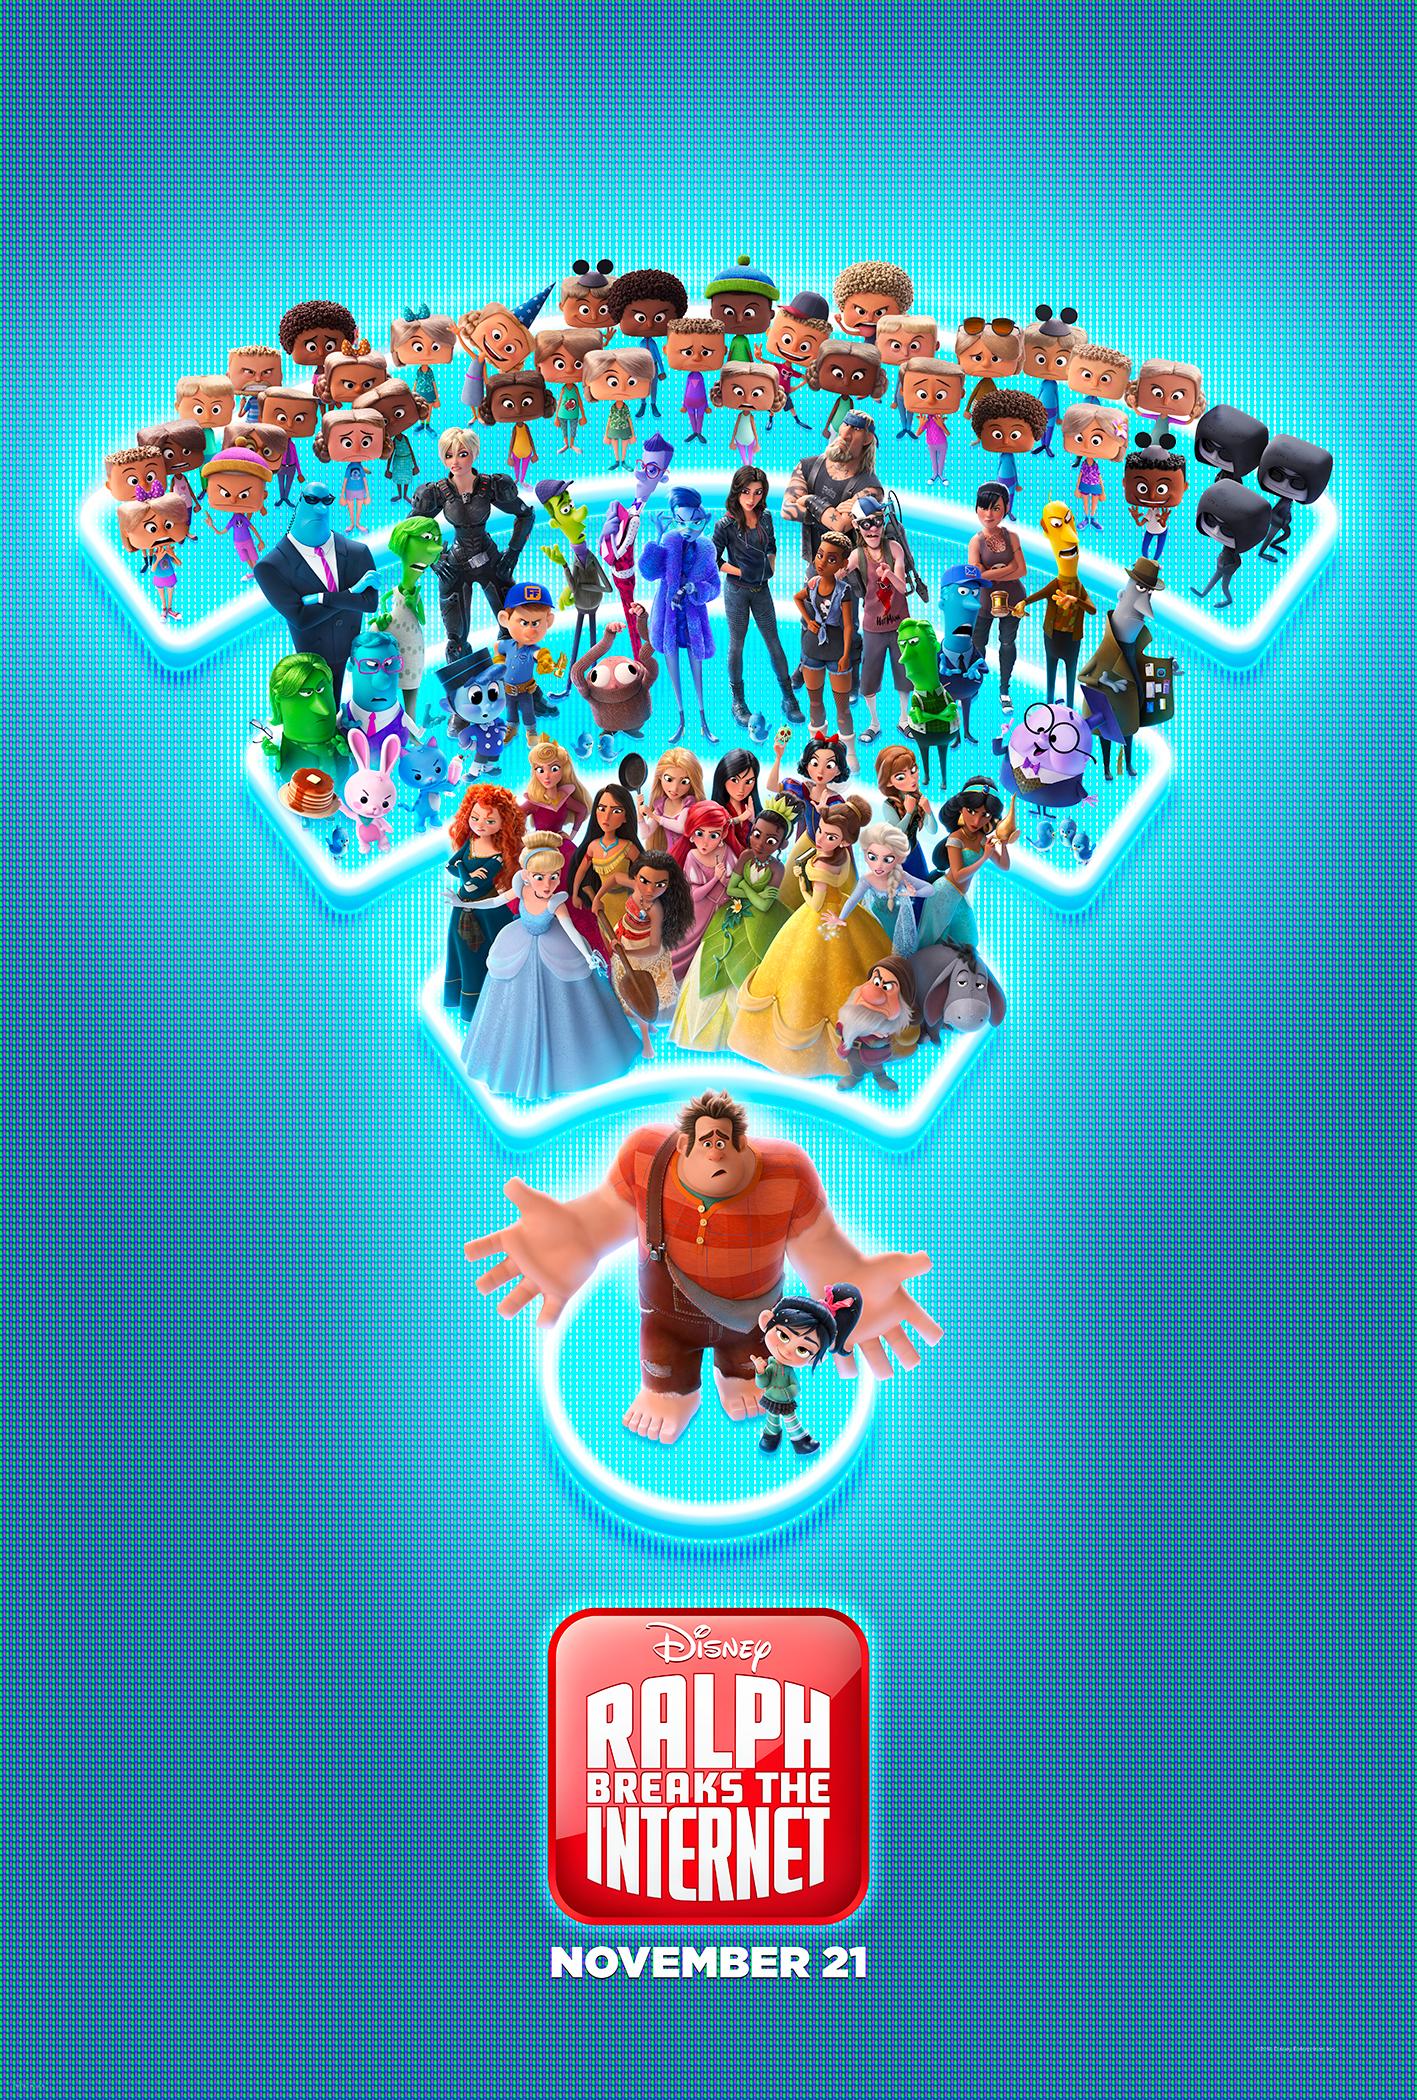 2018年全球电影票房前3名都被迪士尼包了,全球大卖超70亿美元!插图3